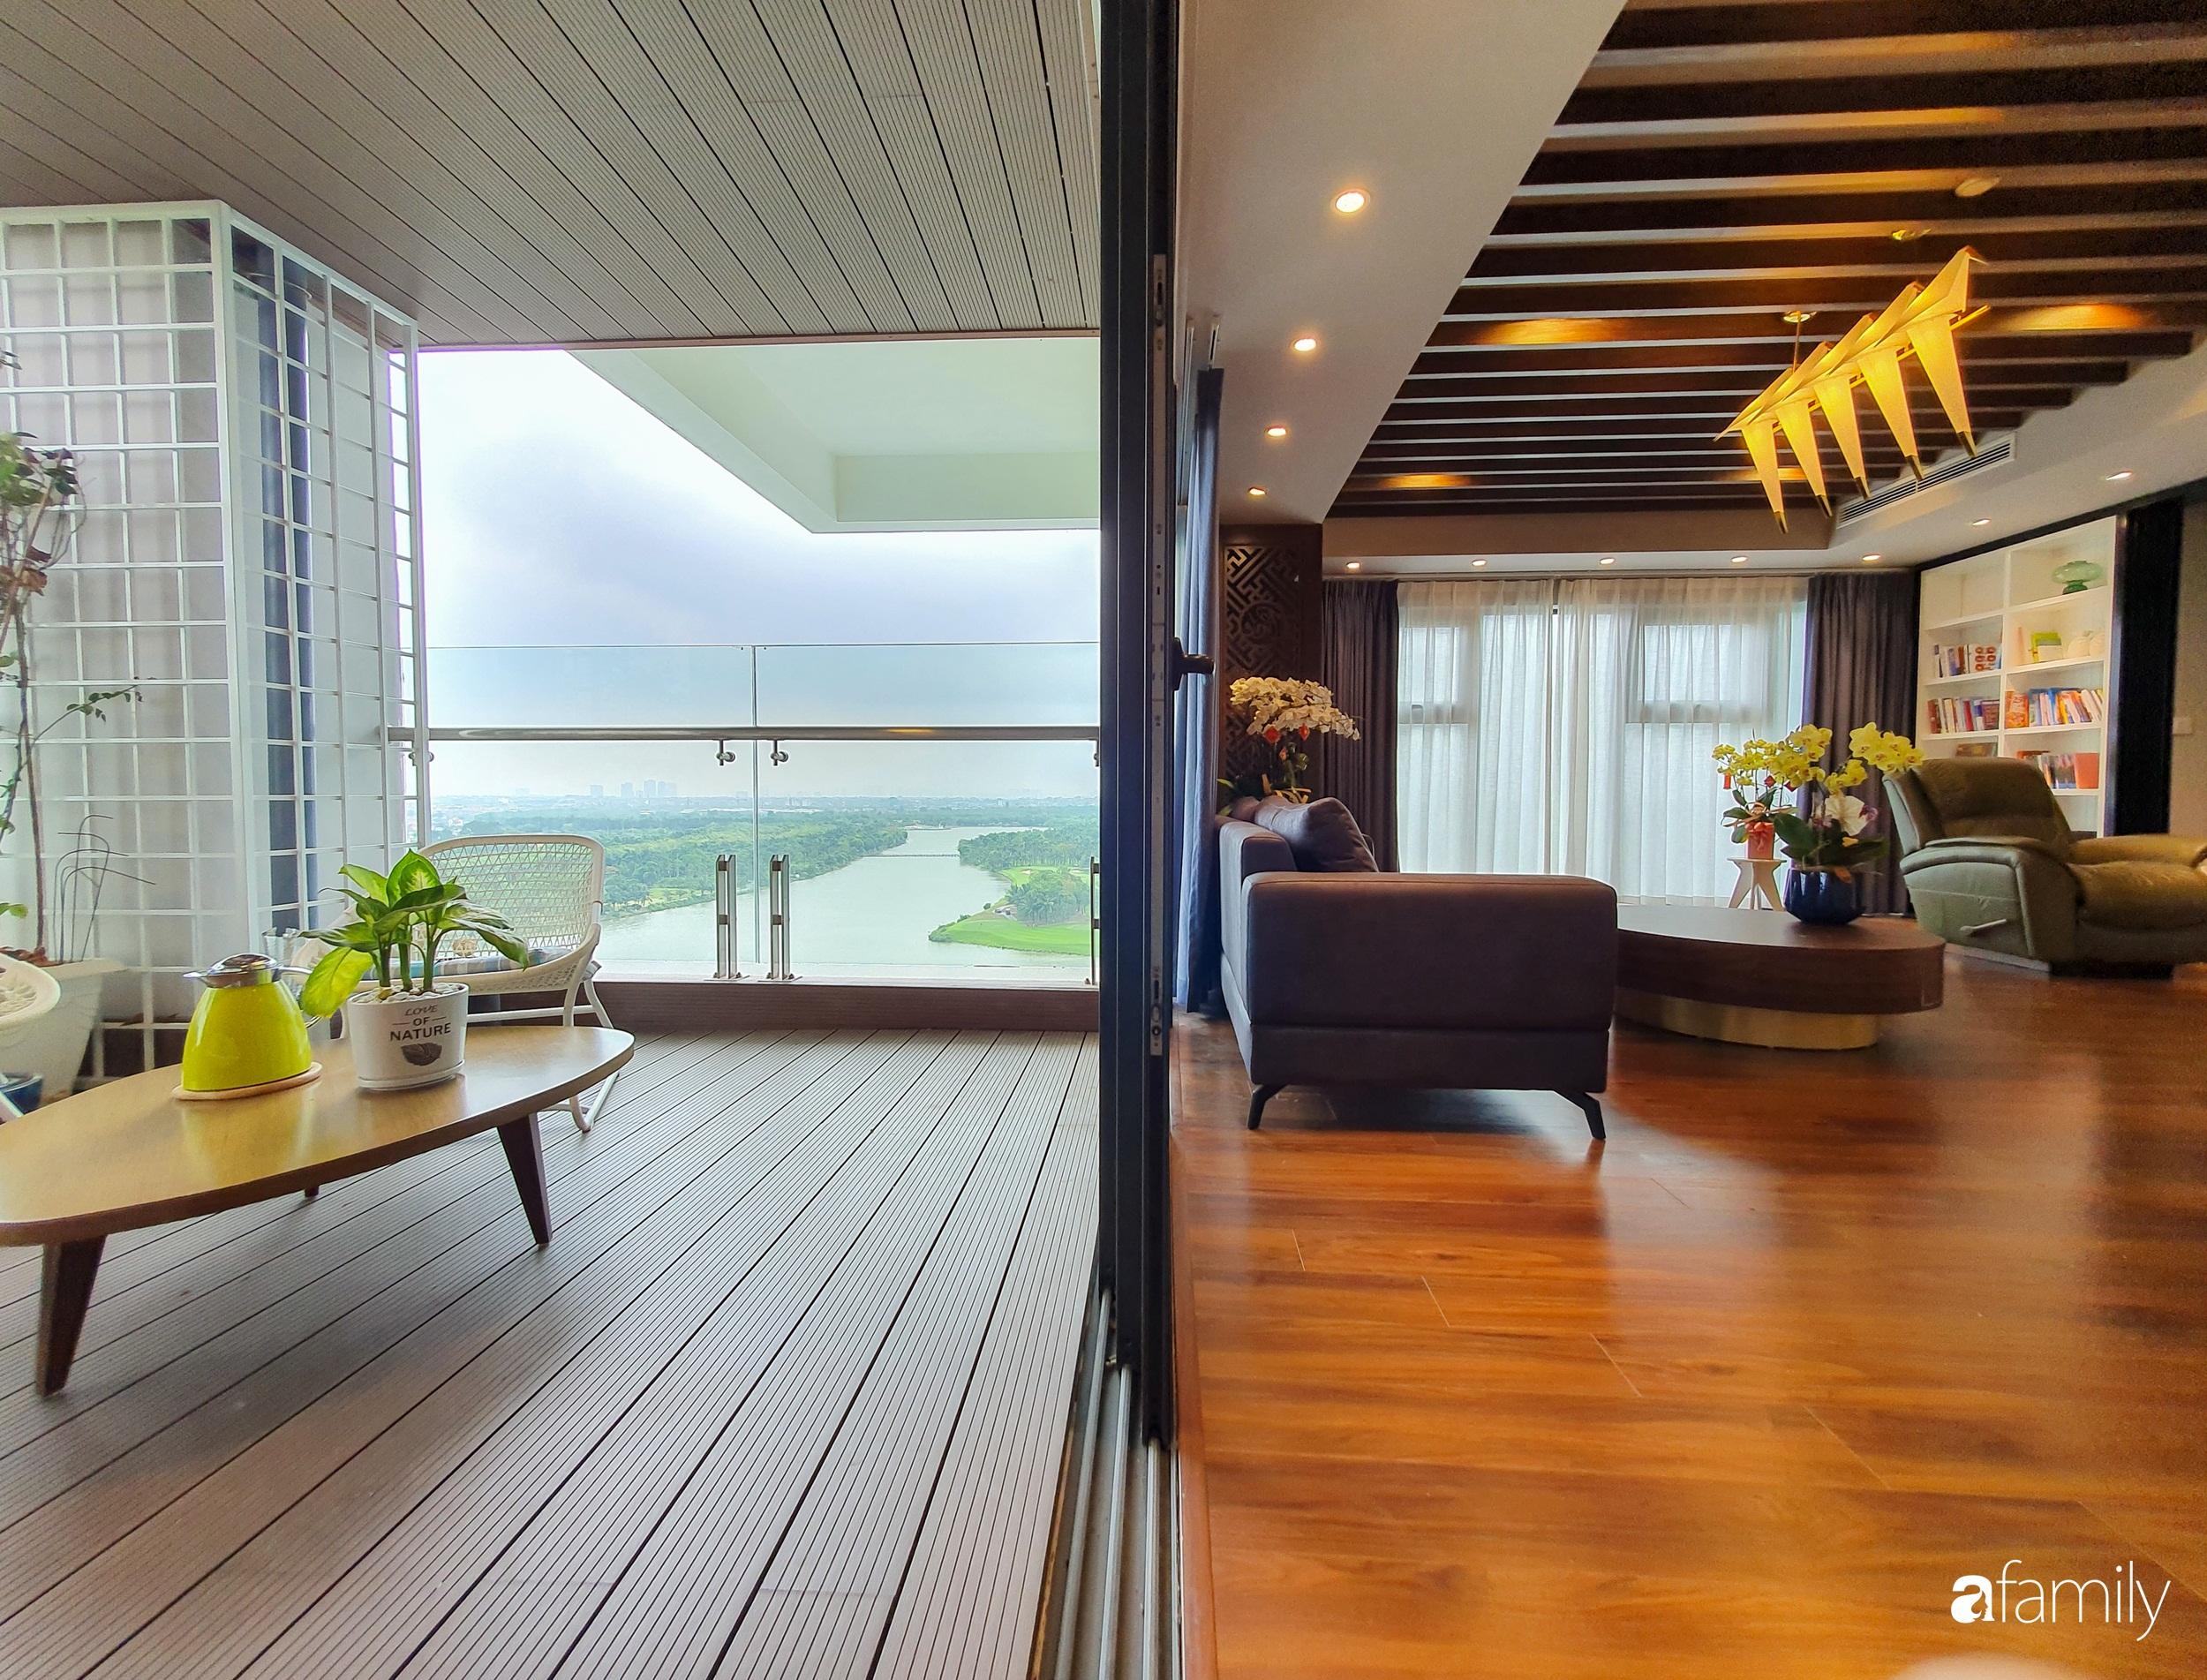 """Căn hộ 150m² có view đắt giá cùng cách thiết kế nội thất """"chanh xả"""" với chi phí khủng 850 triệu đồng ở ngoại thành Hà Nội - Ảnh 8."""